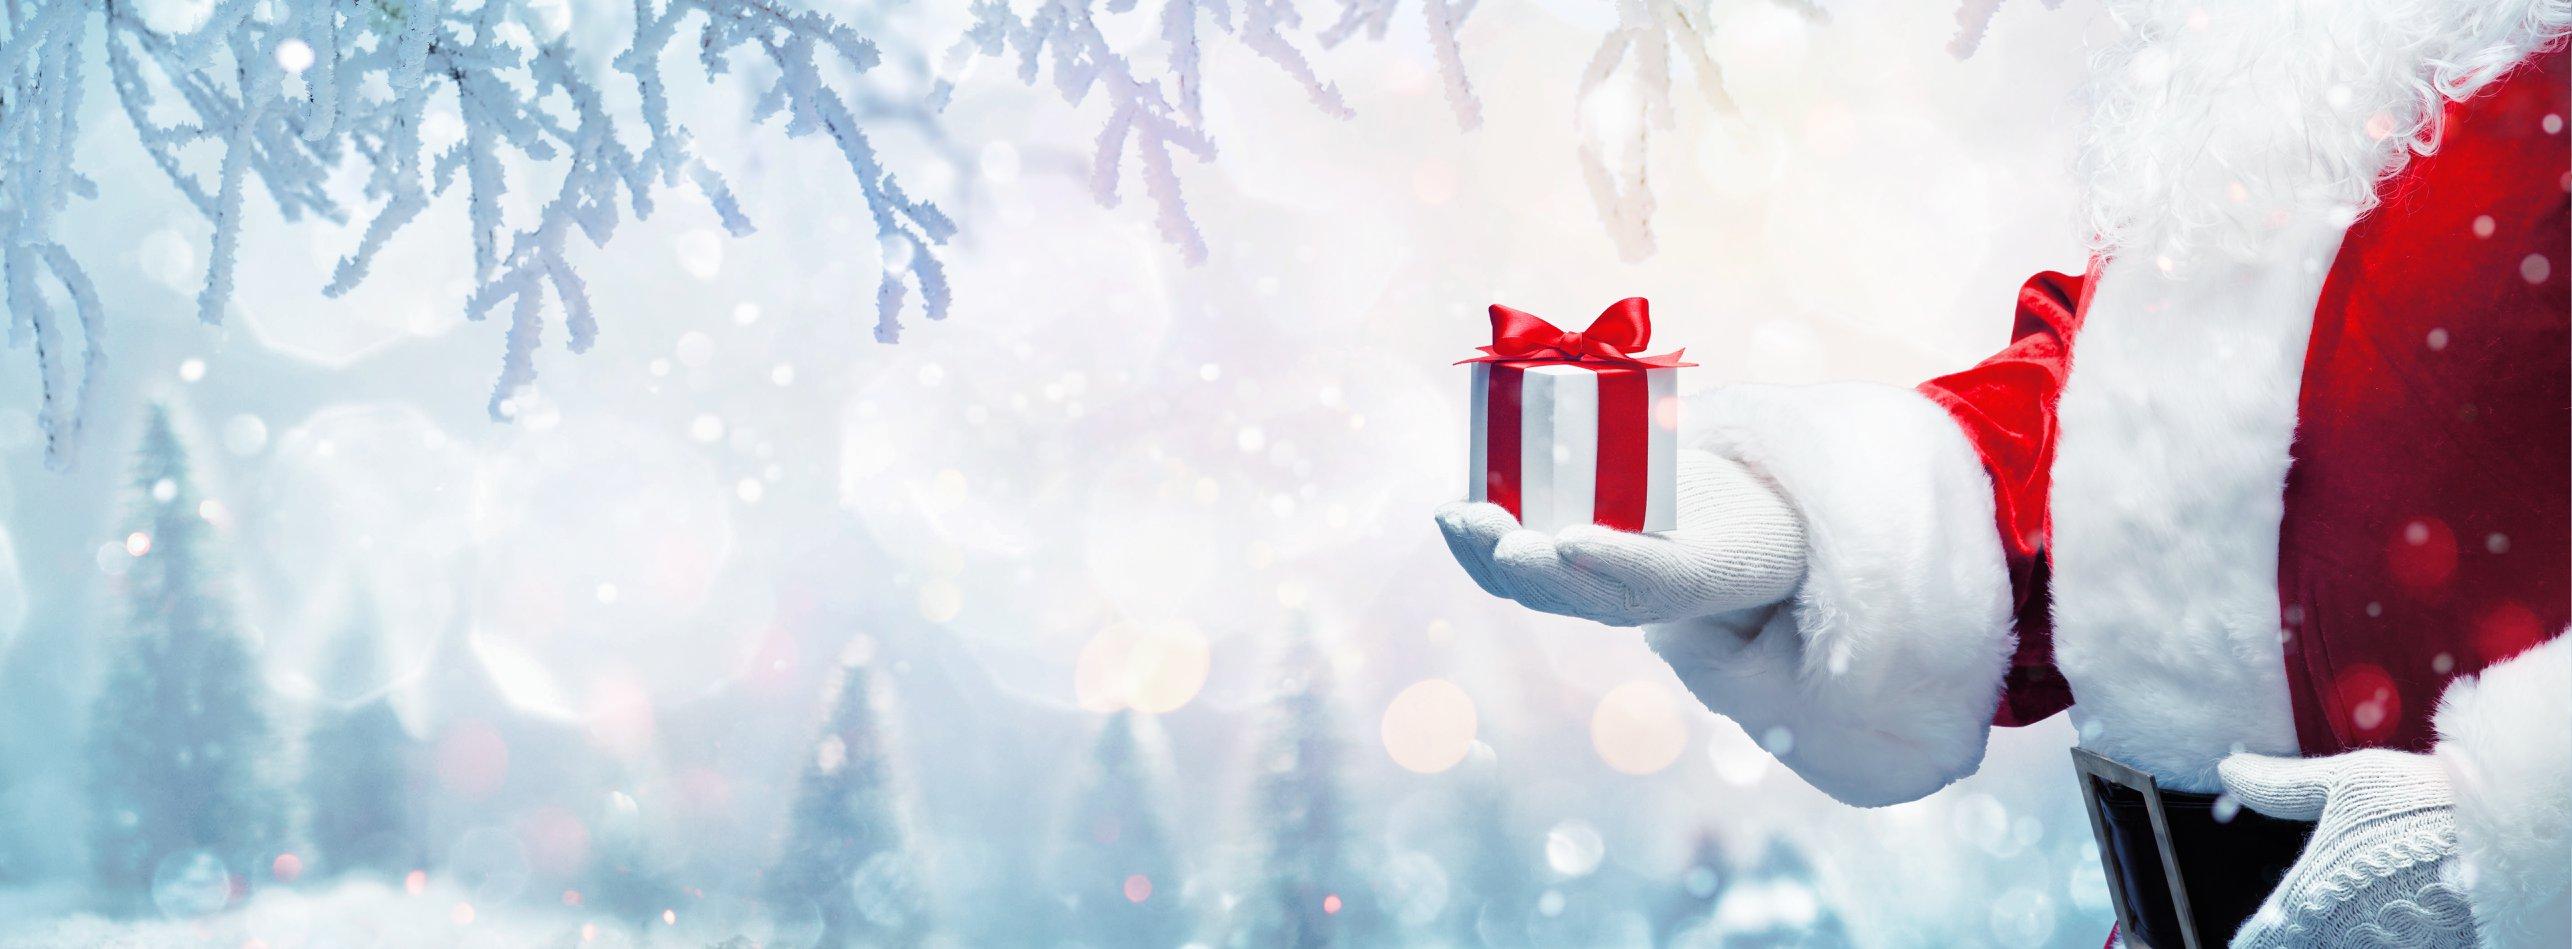 كفرات فيس بوك راس السنه و الكريسماس 6 غلاف فيس بوك رأس السنة و الكريسماس